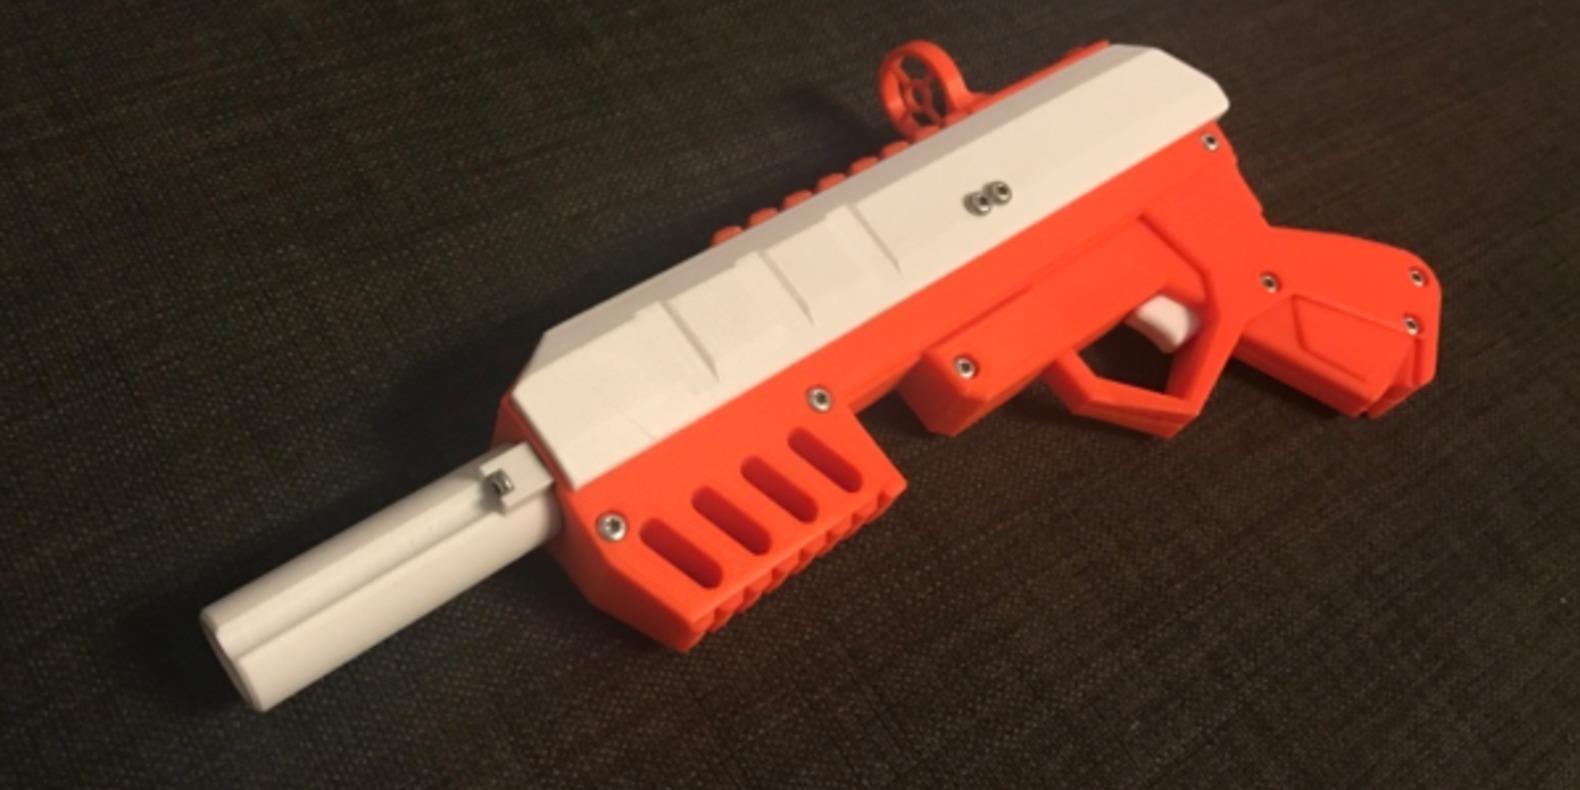 pistolet-NERF-impression-3D-fichier-3D-cults-3D-2.png